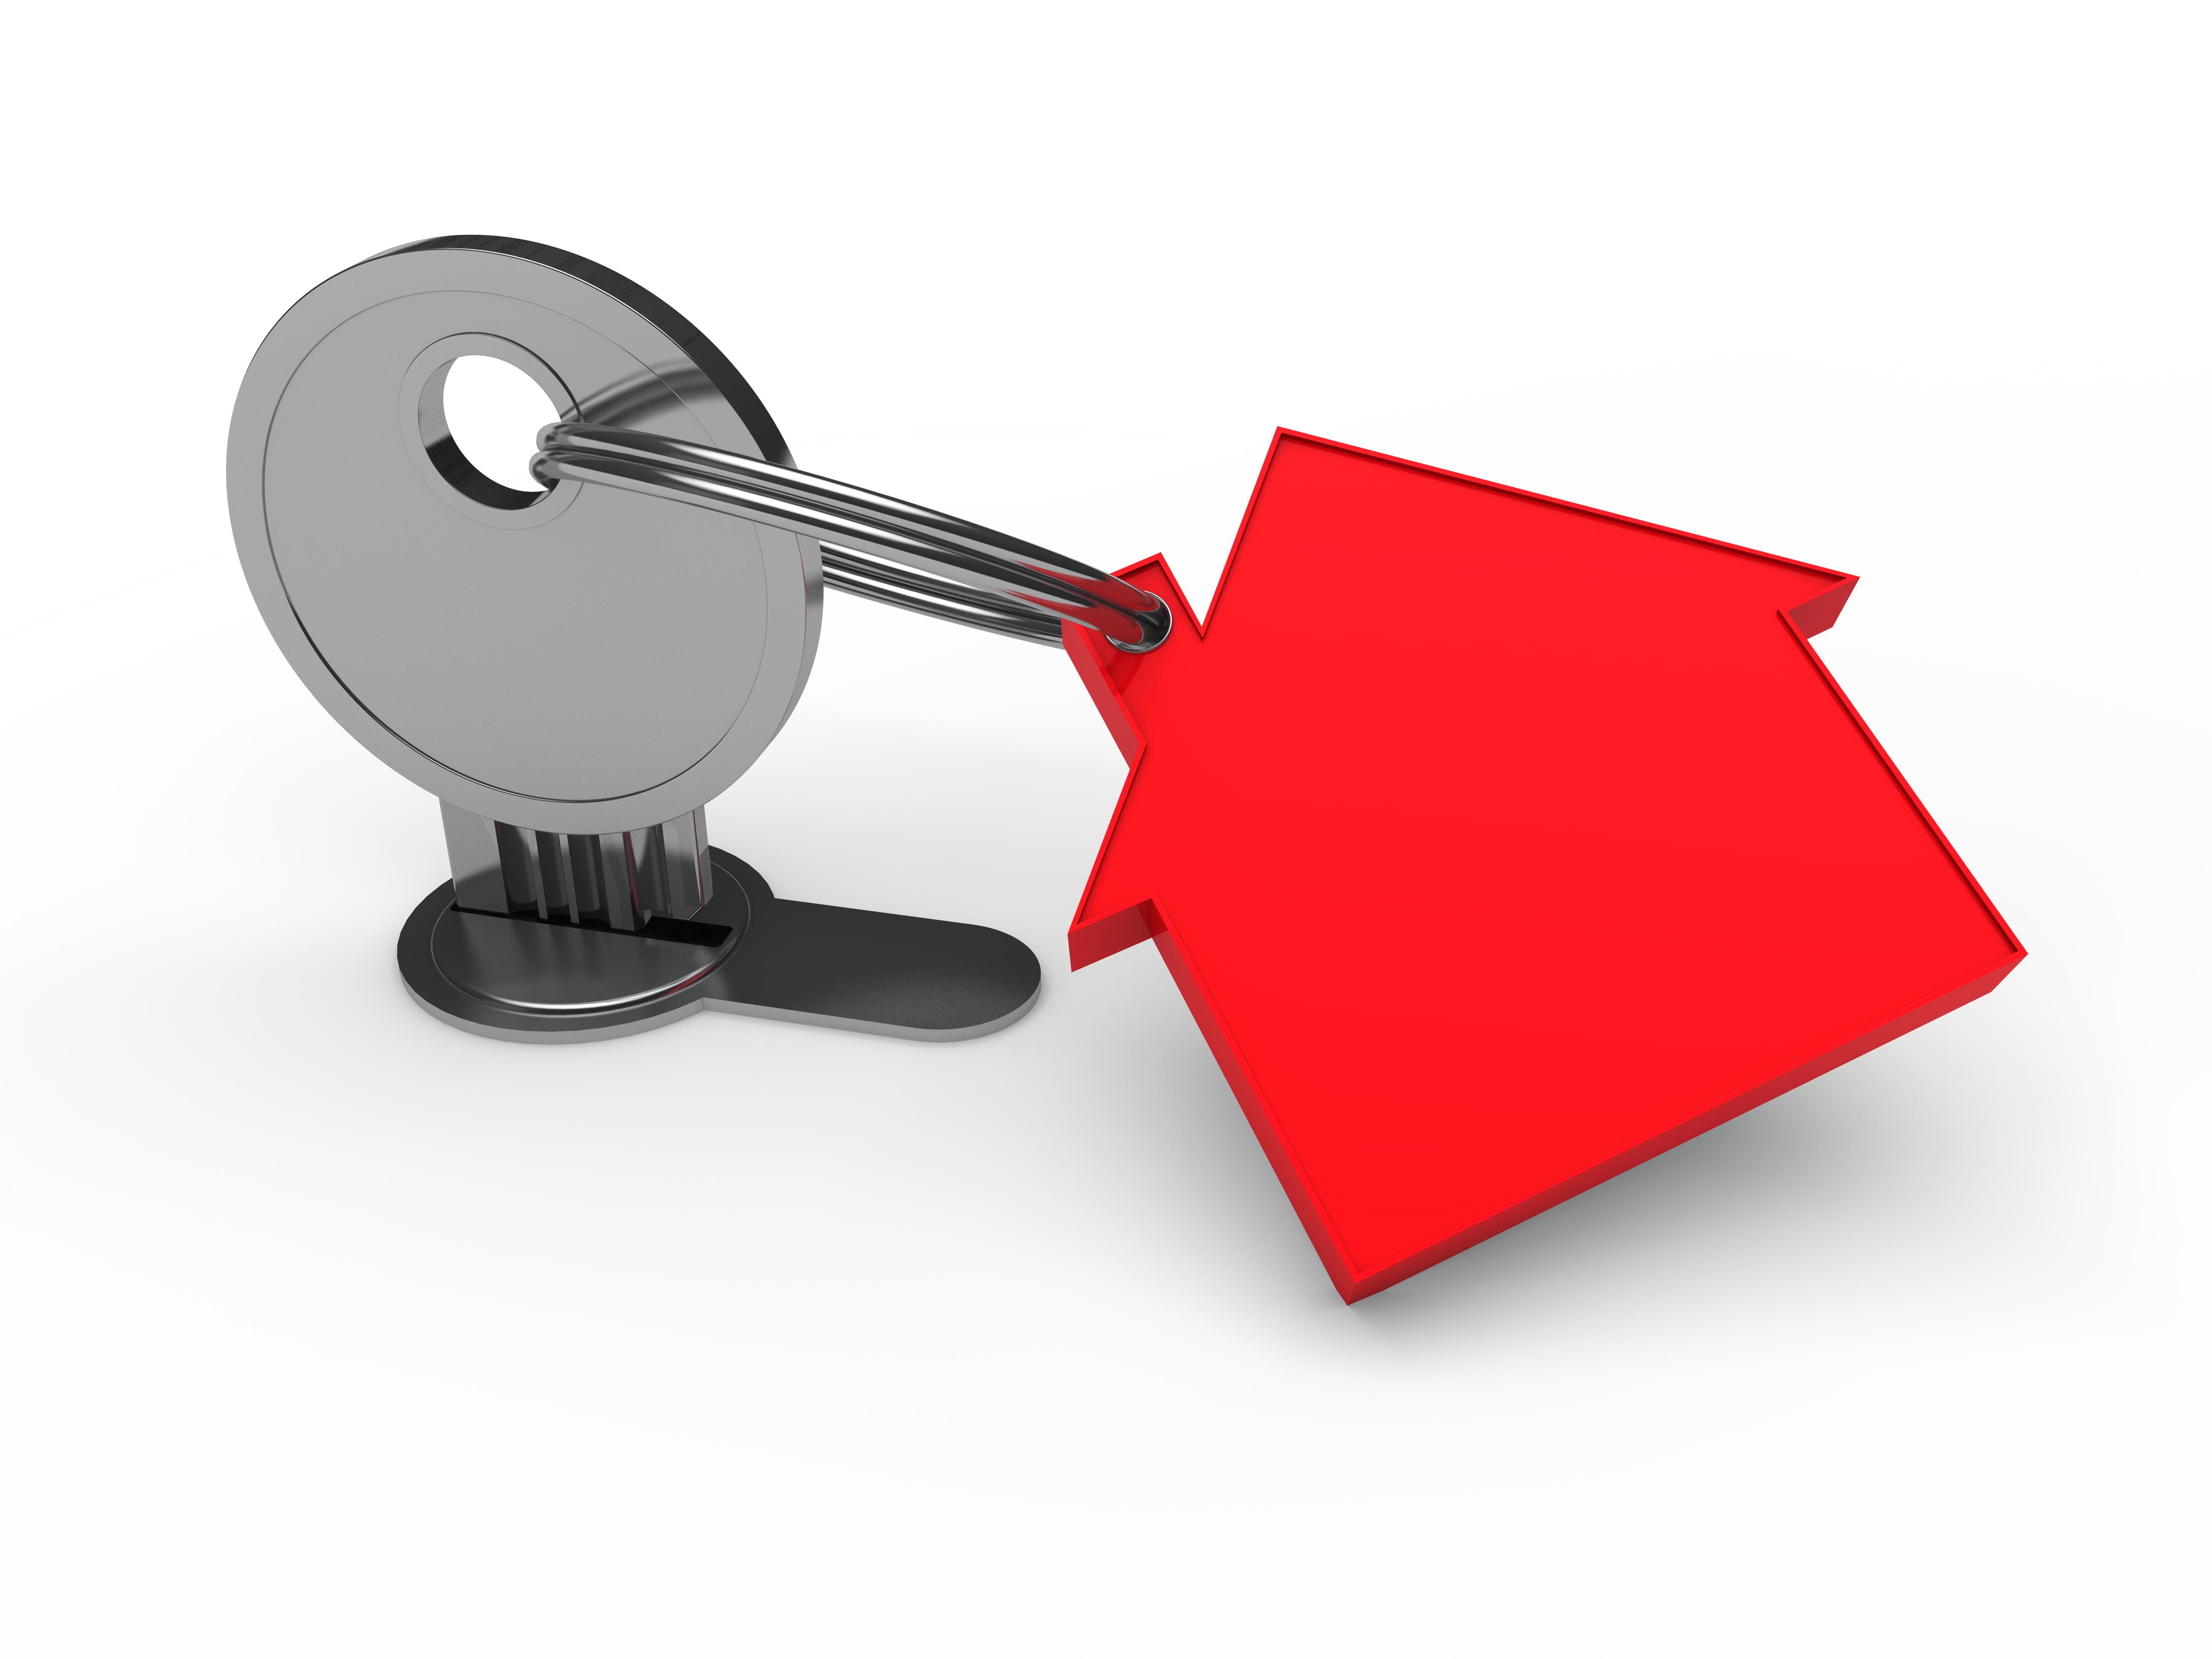 Prova della titolarità del diritto di proprietà / Gtres